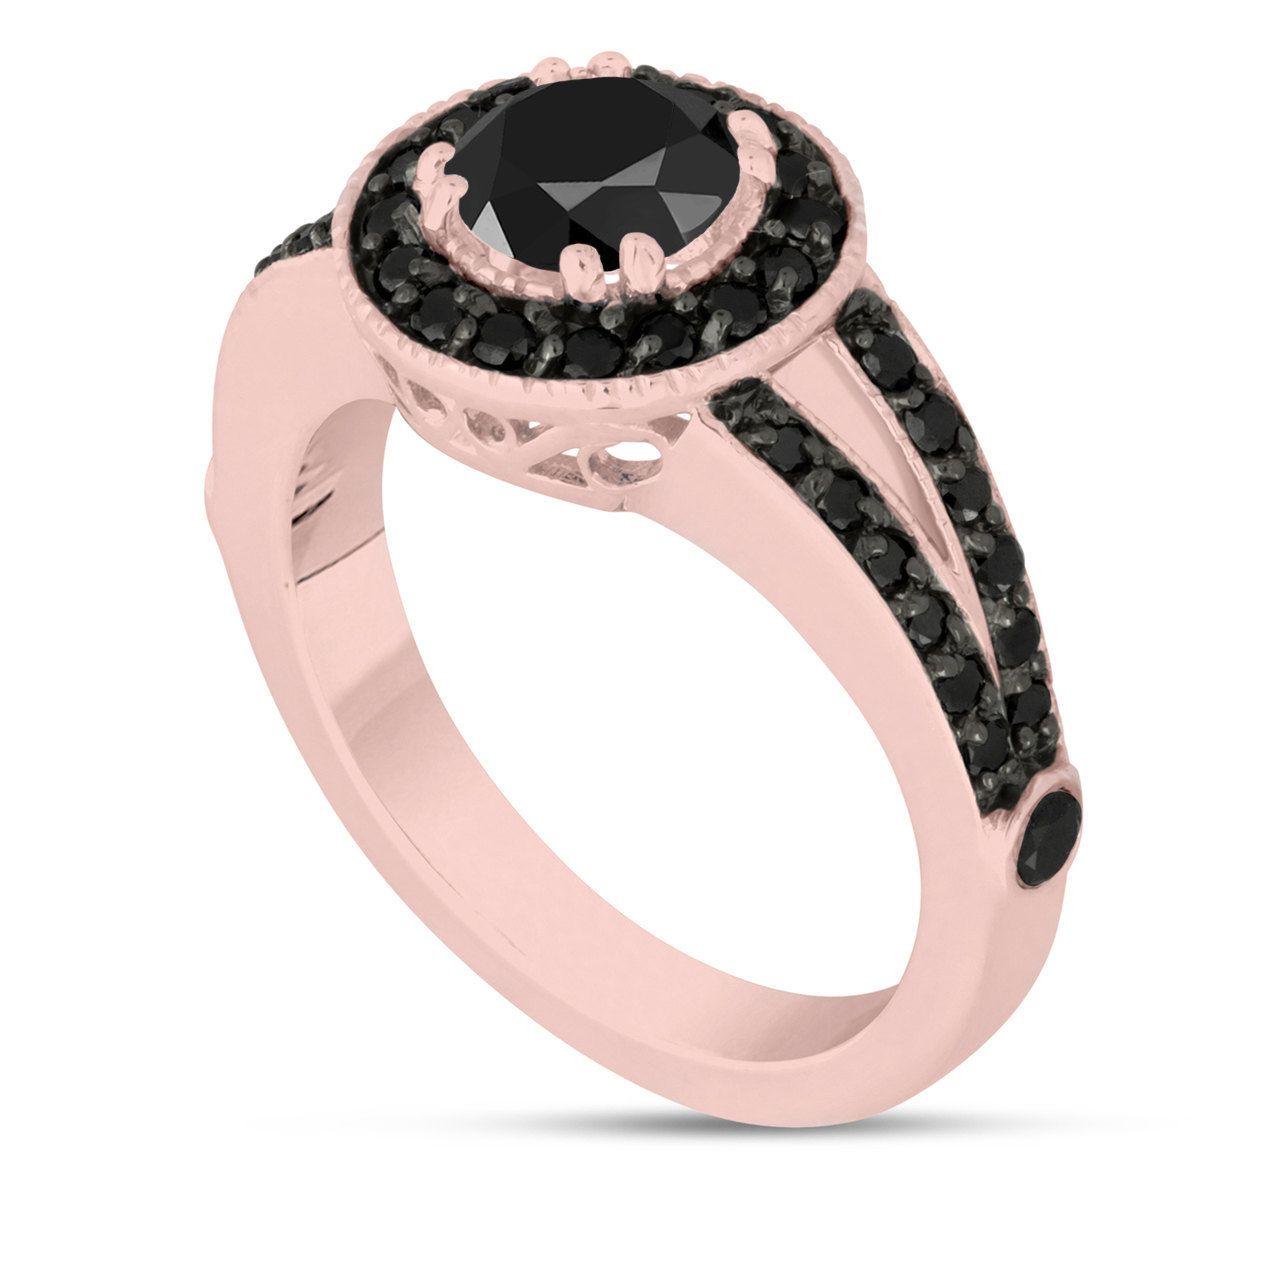 Fancy Black Diamonds Engagement Ring 14k Rose Gold 1.60 Carat Unique ...